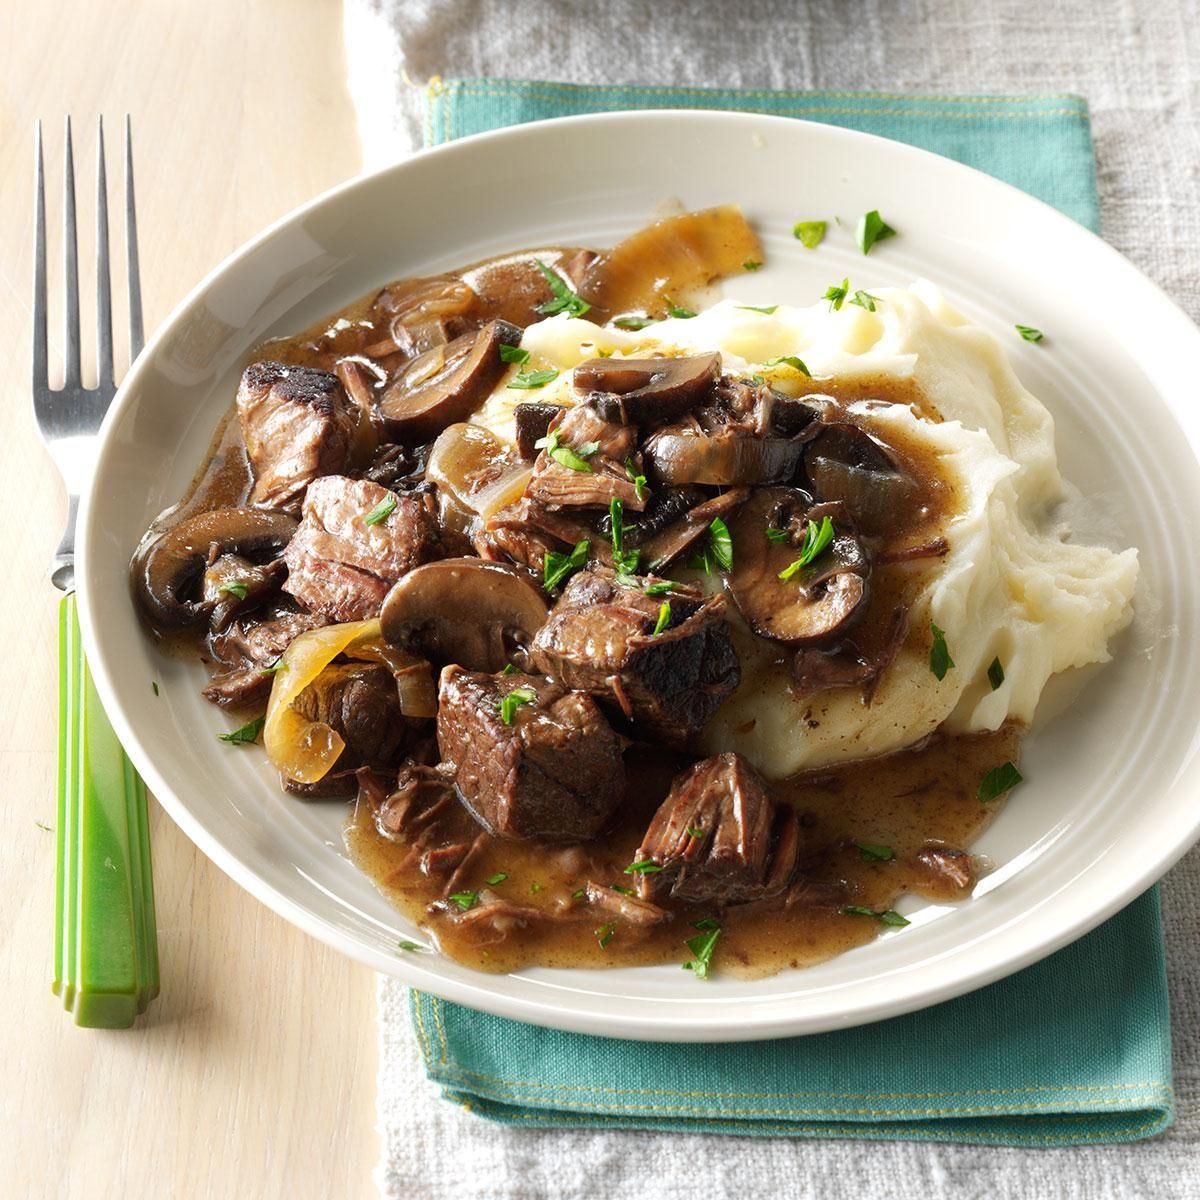 Slow Cooker Beef Tips Recipe Slow Cooker Beef Beef Tip Recipes Cooker Recipes